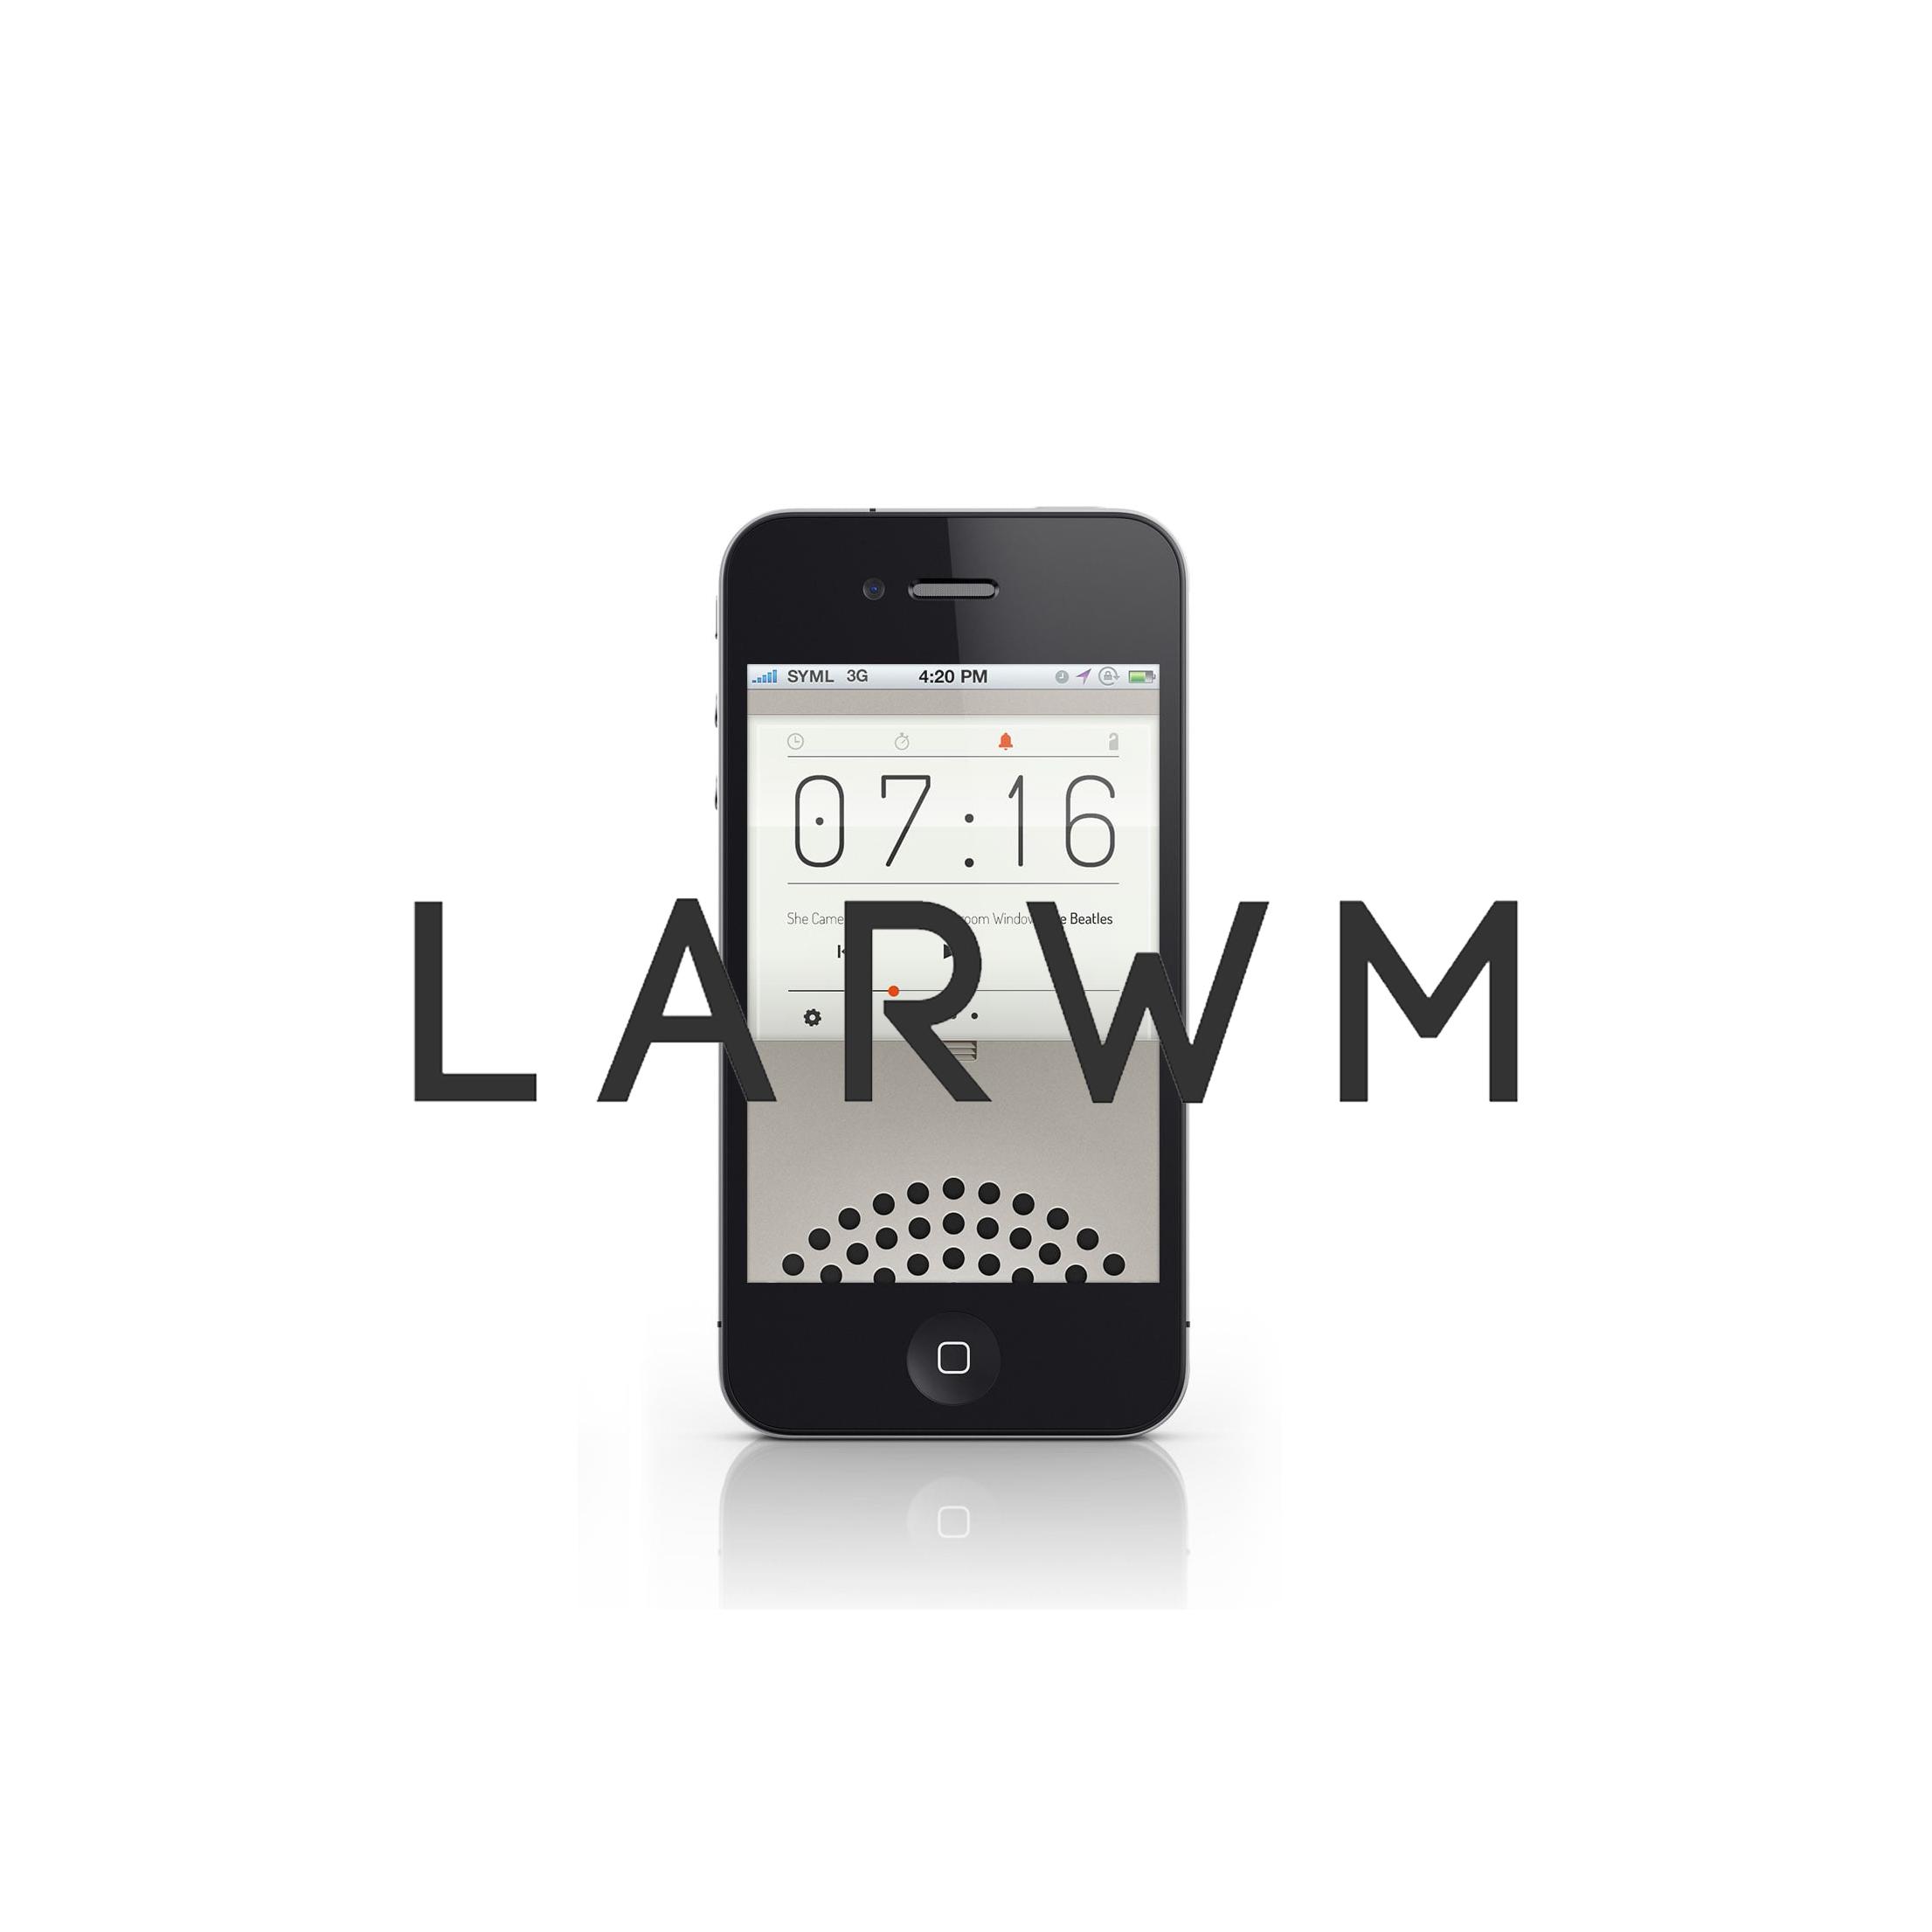 LARWM IOS Application